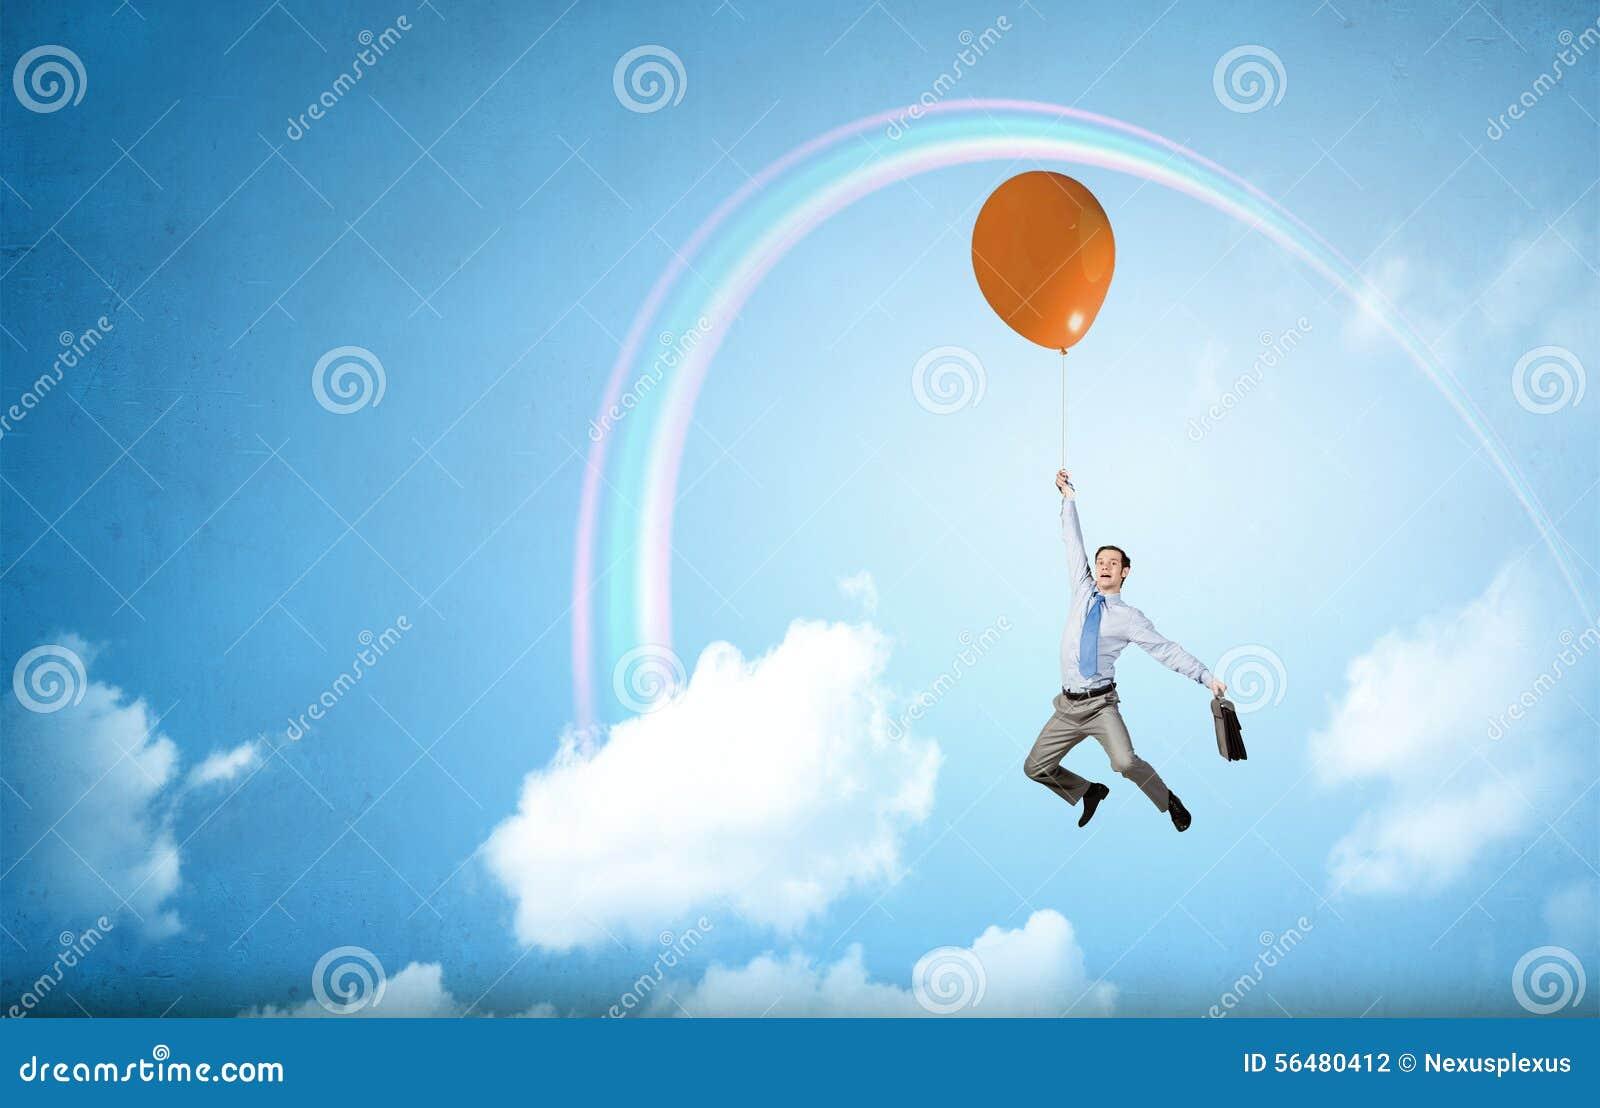 Vol d homme en ciel